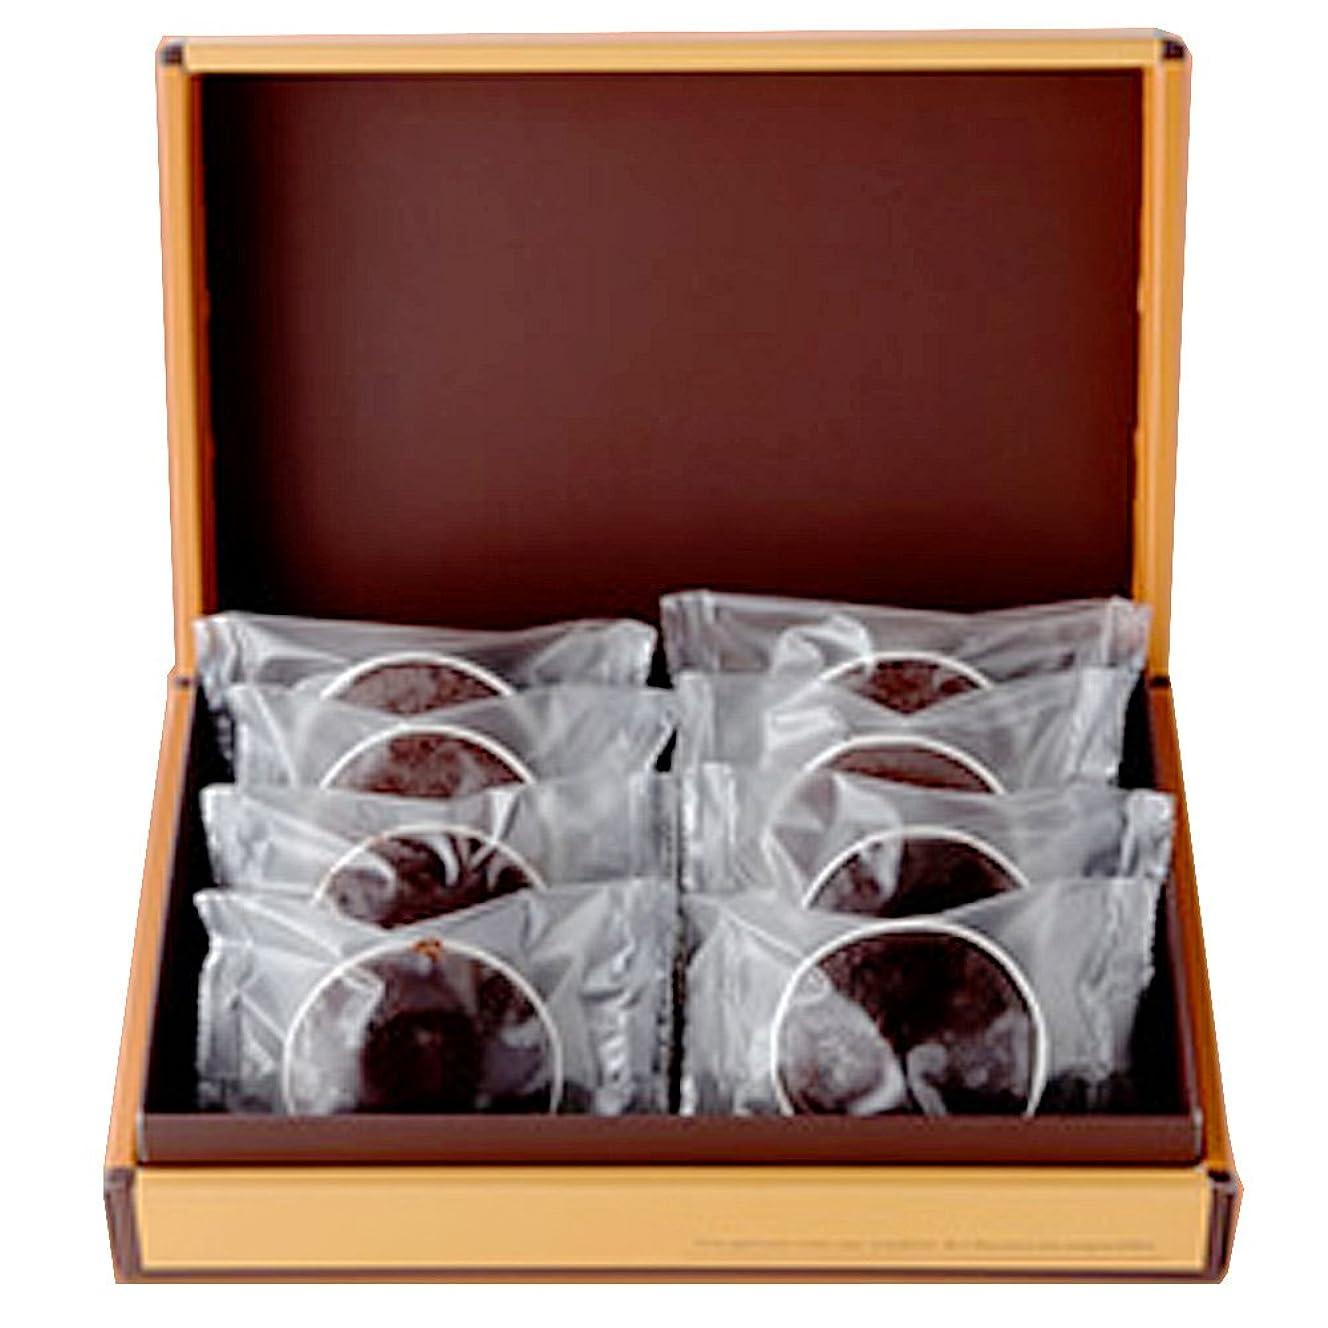 属する期限郵便局濃厚チョコレートのトリュフケーキ(フォンダンショコラ) 8個